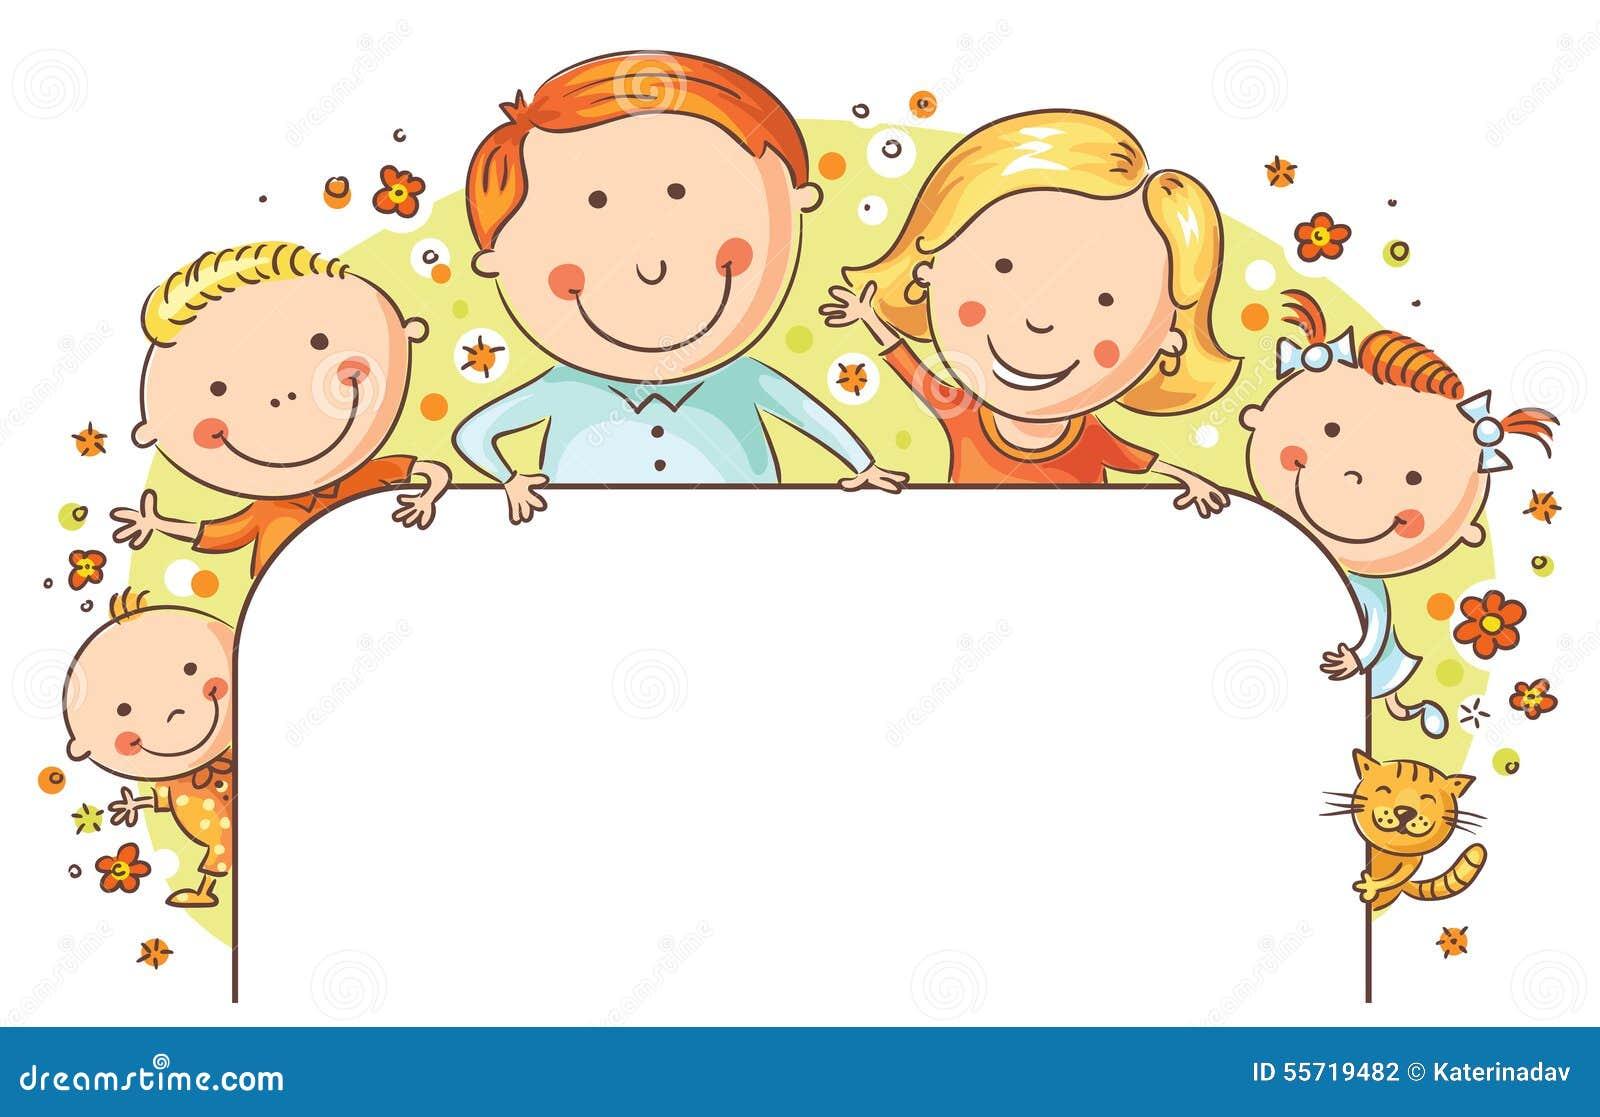 marcos para fotos de familia - Ideal.vistalist.co